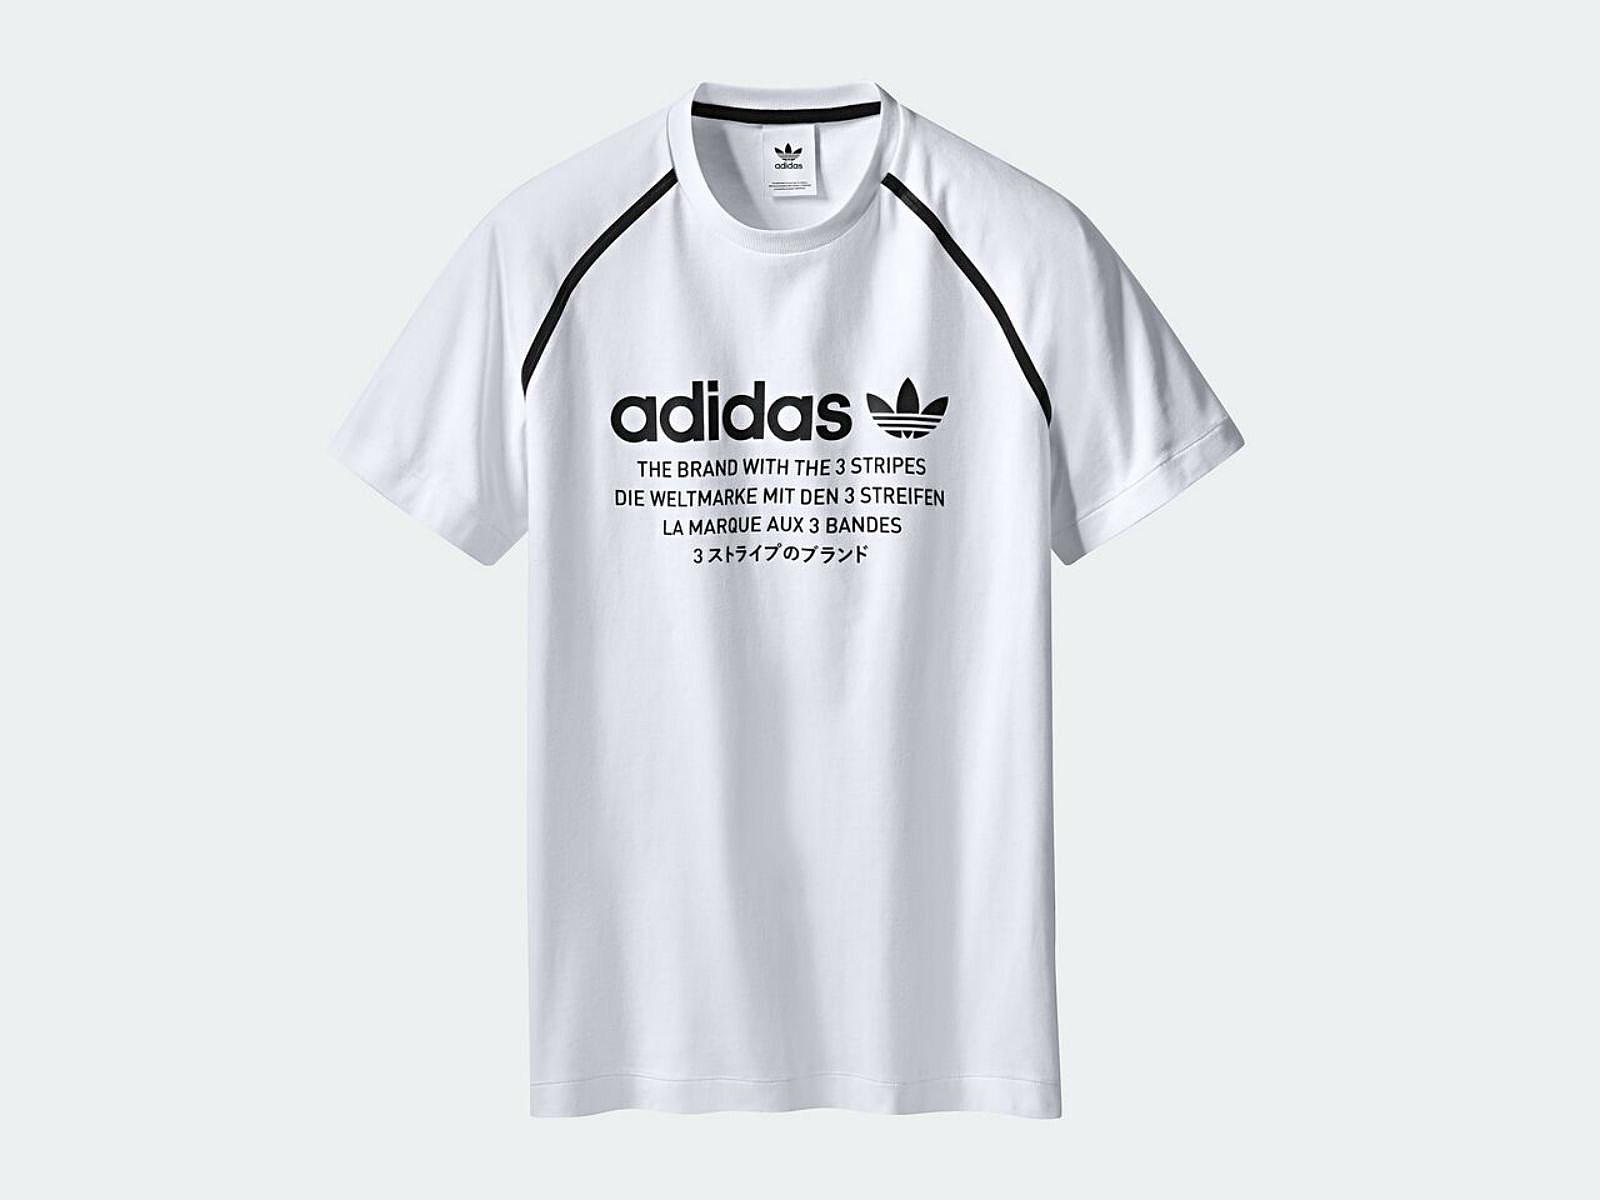 monclersale Dominasi Musim Dingin Dengan Koleksi Fall & Winter 2017 Adidas